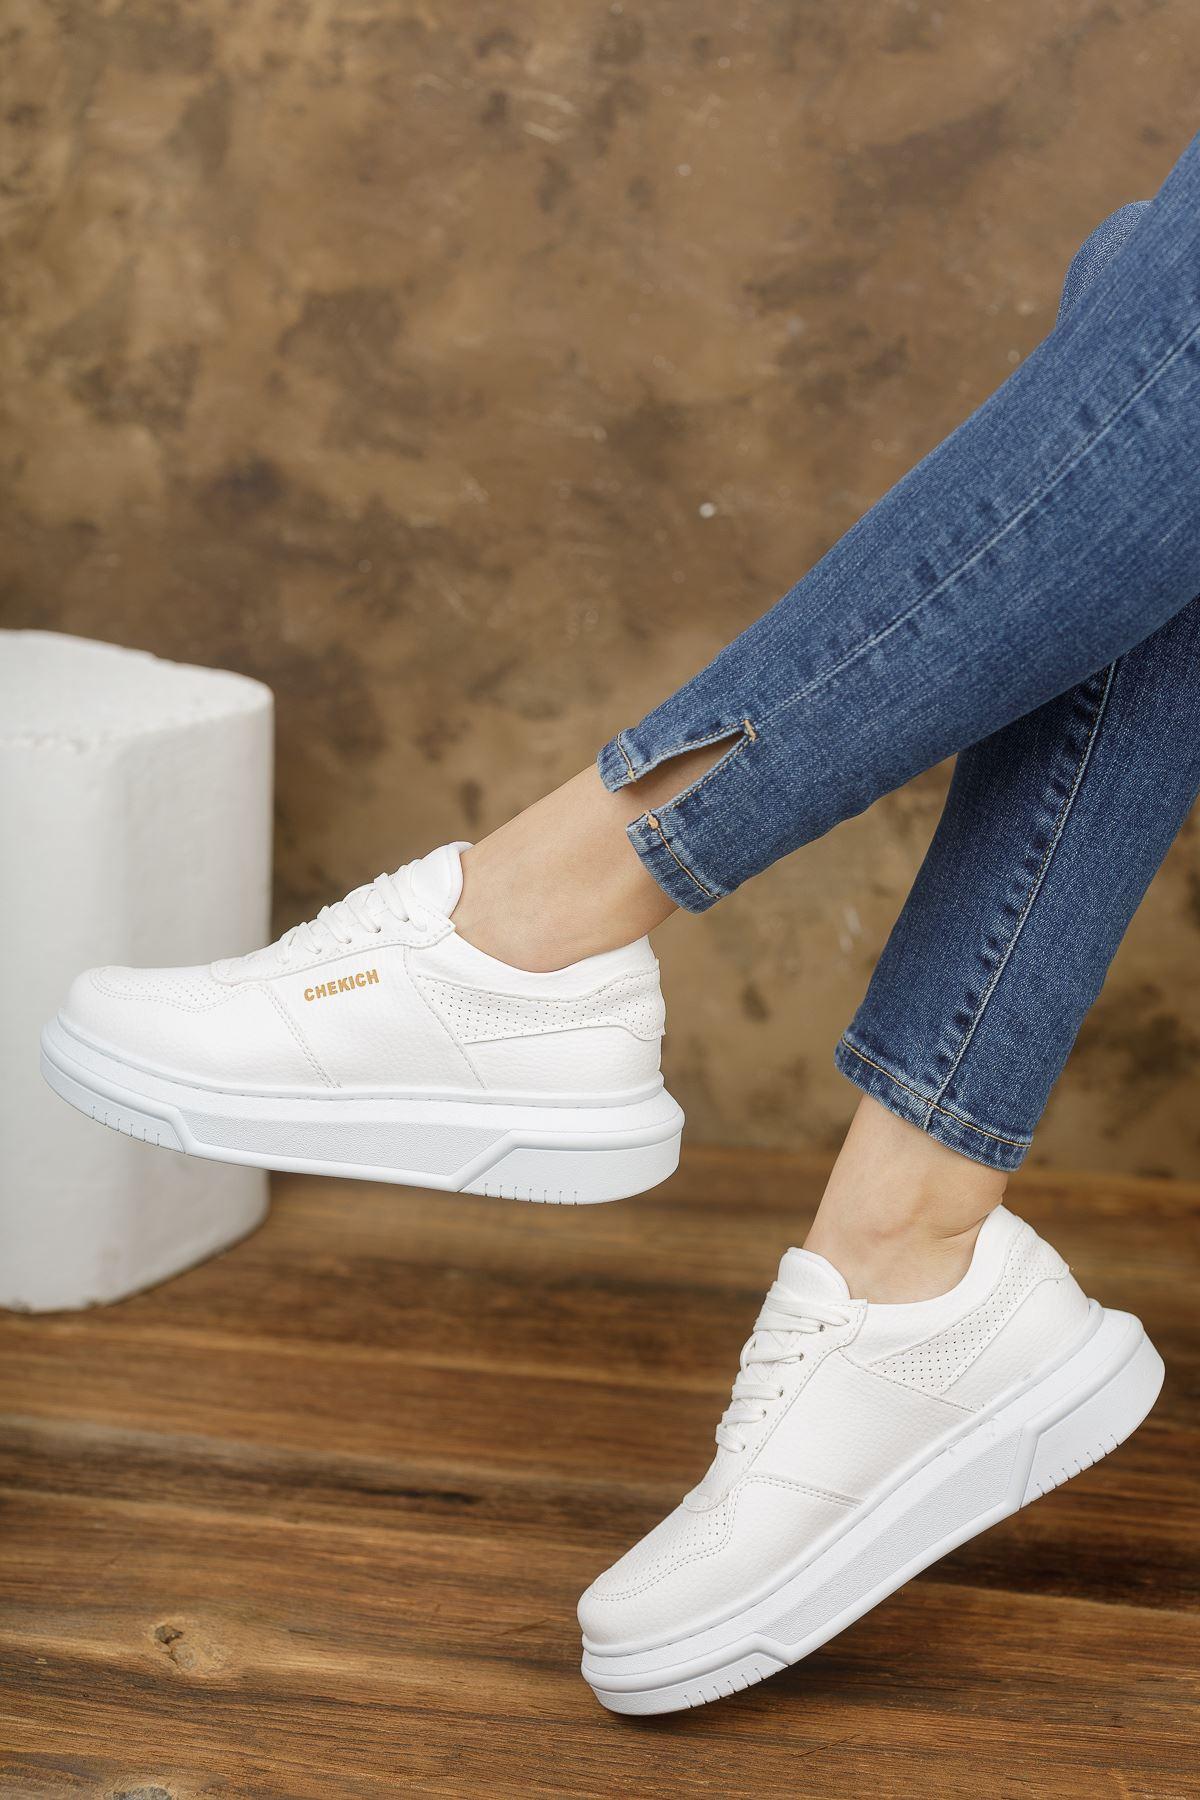 Chekich CH075 İpekyol BT Kadın Ayakkabı BEYAZ